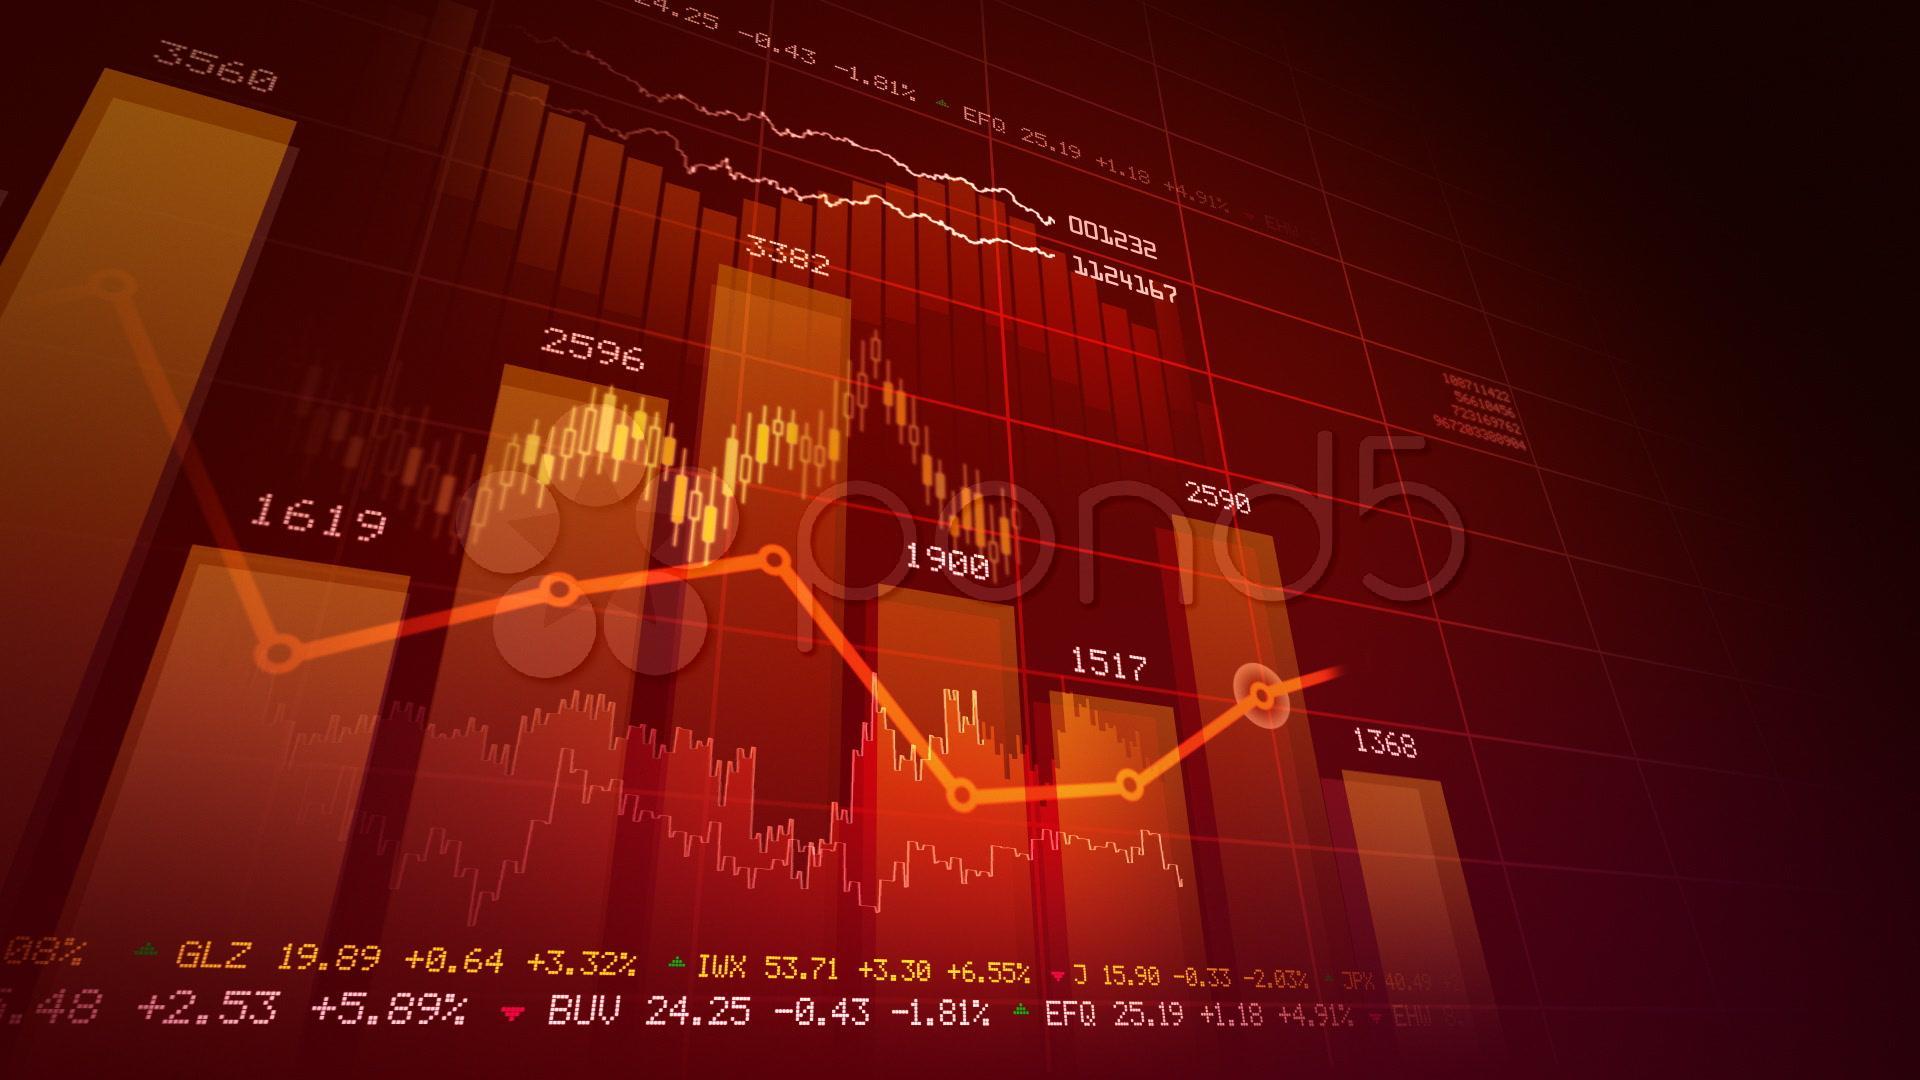 Stock Exchange Wallpapers - Wallpaper Cave